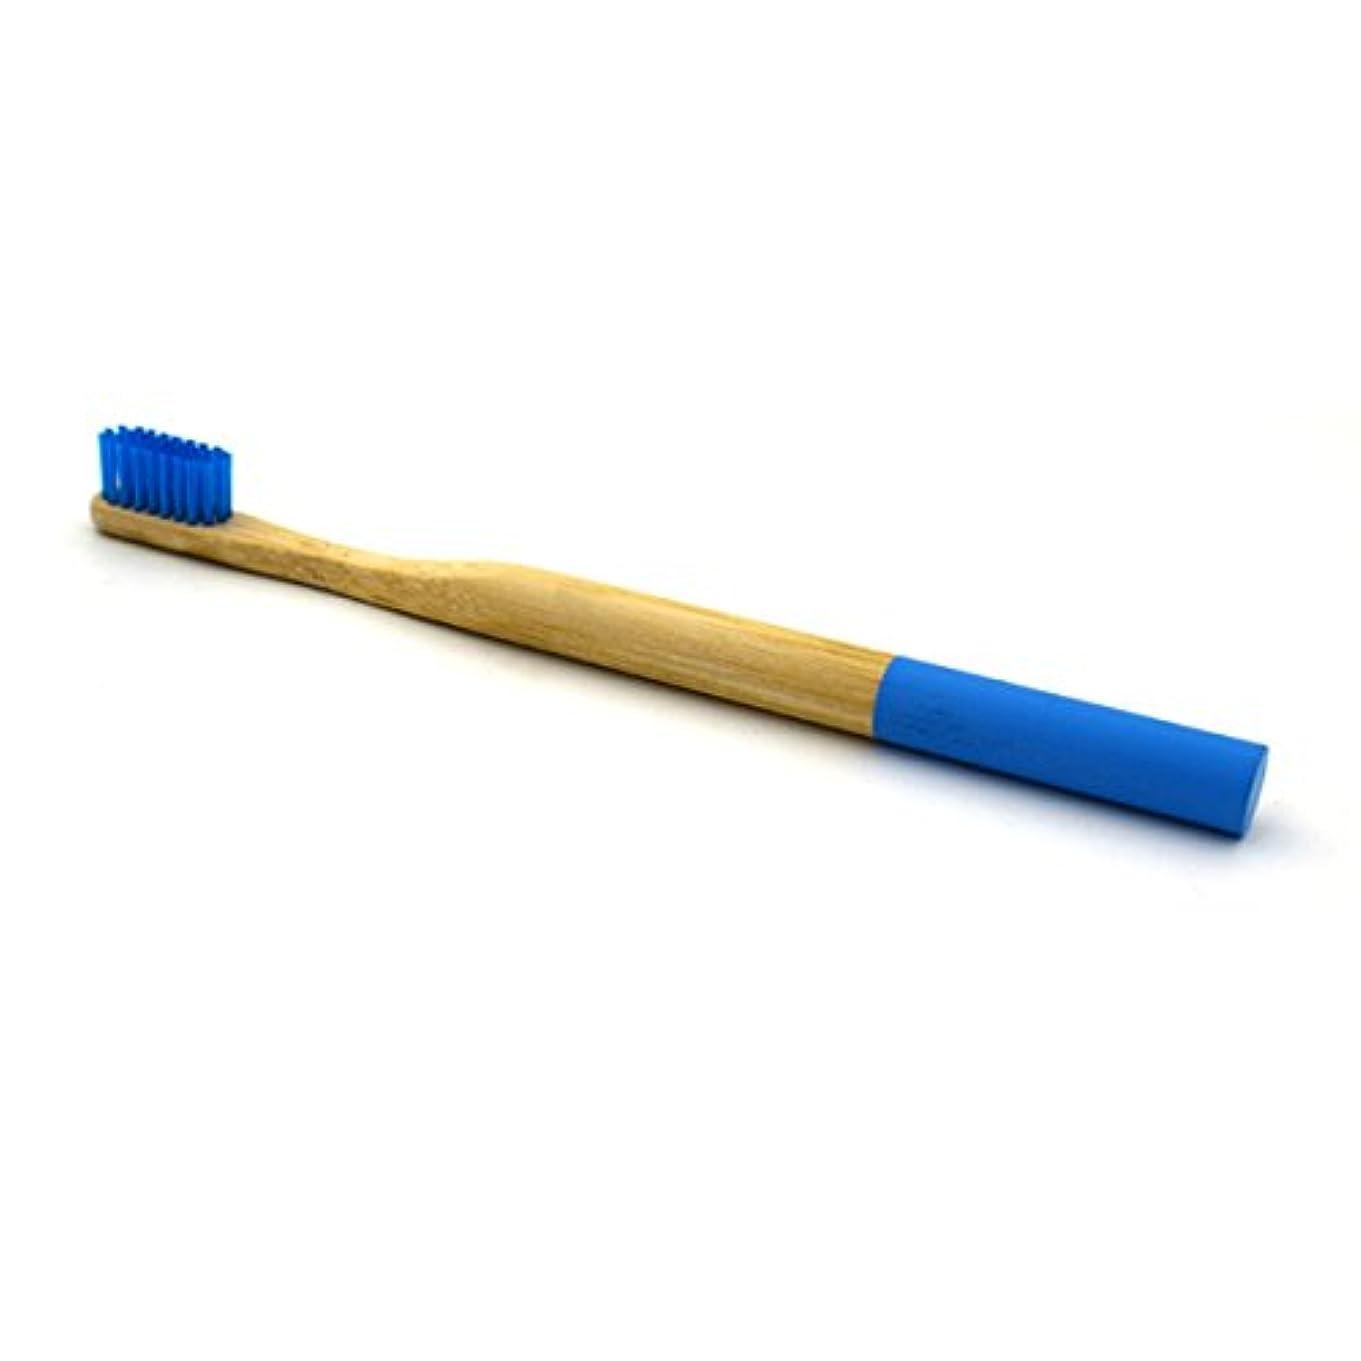 アルコール歯痛中間ROSENICE 竹の歯ブラシ 自然な竹エコフレンドリーな柔らかい毛の旅行の歯ブラシ(青)